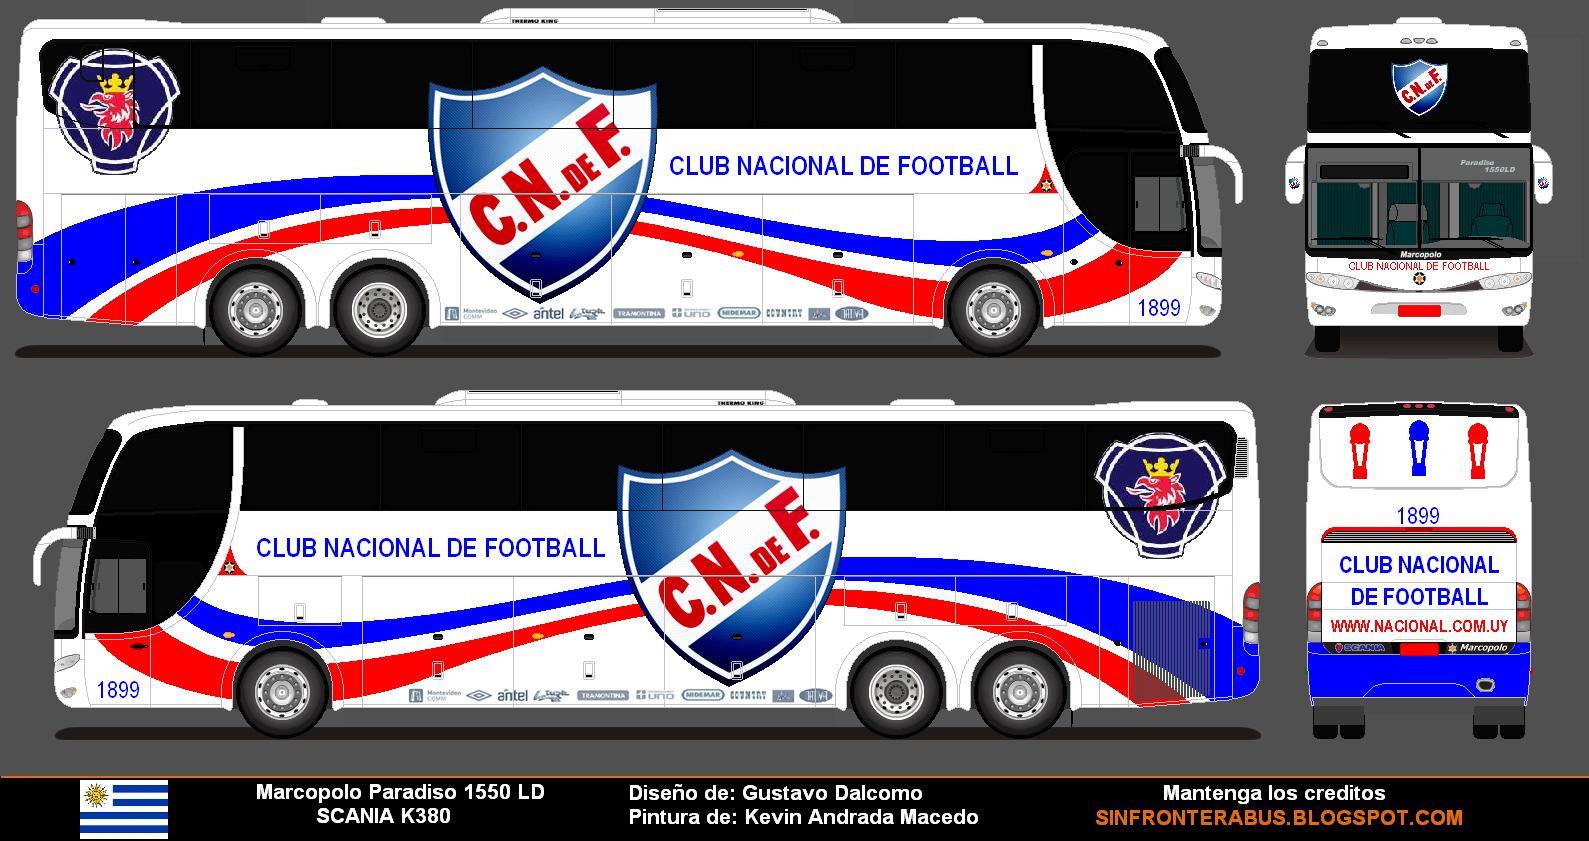 Imagenes del Club Nacional de Futbol Hinchas Banderas  - Imagenes Del Club Nacional De Futbol